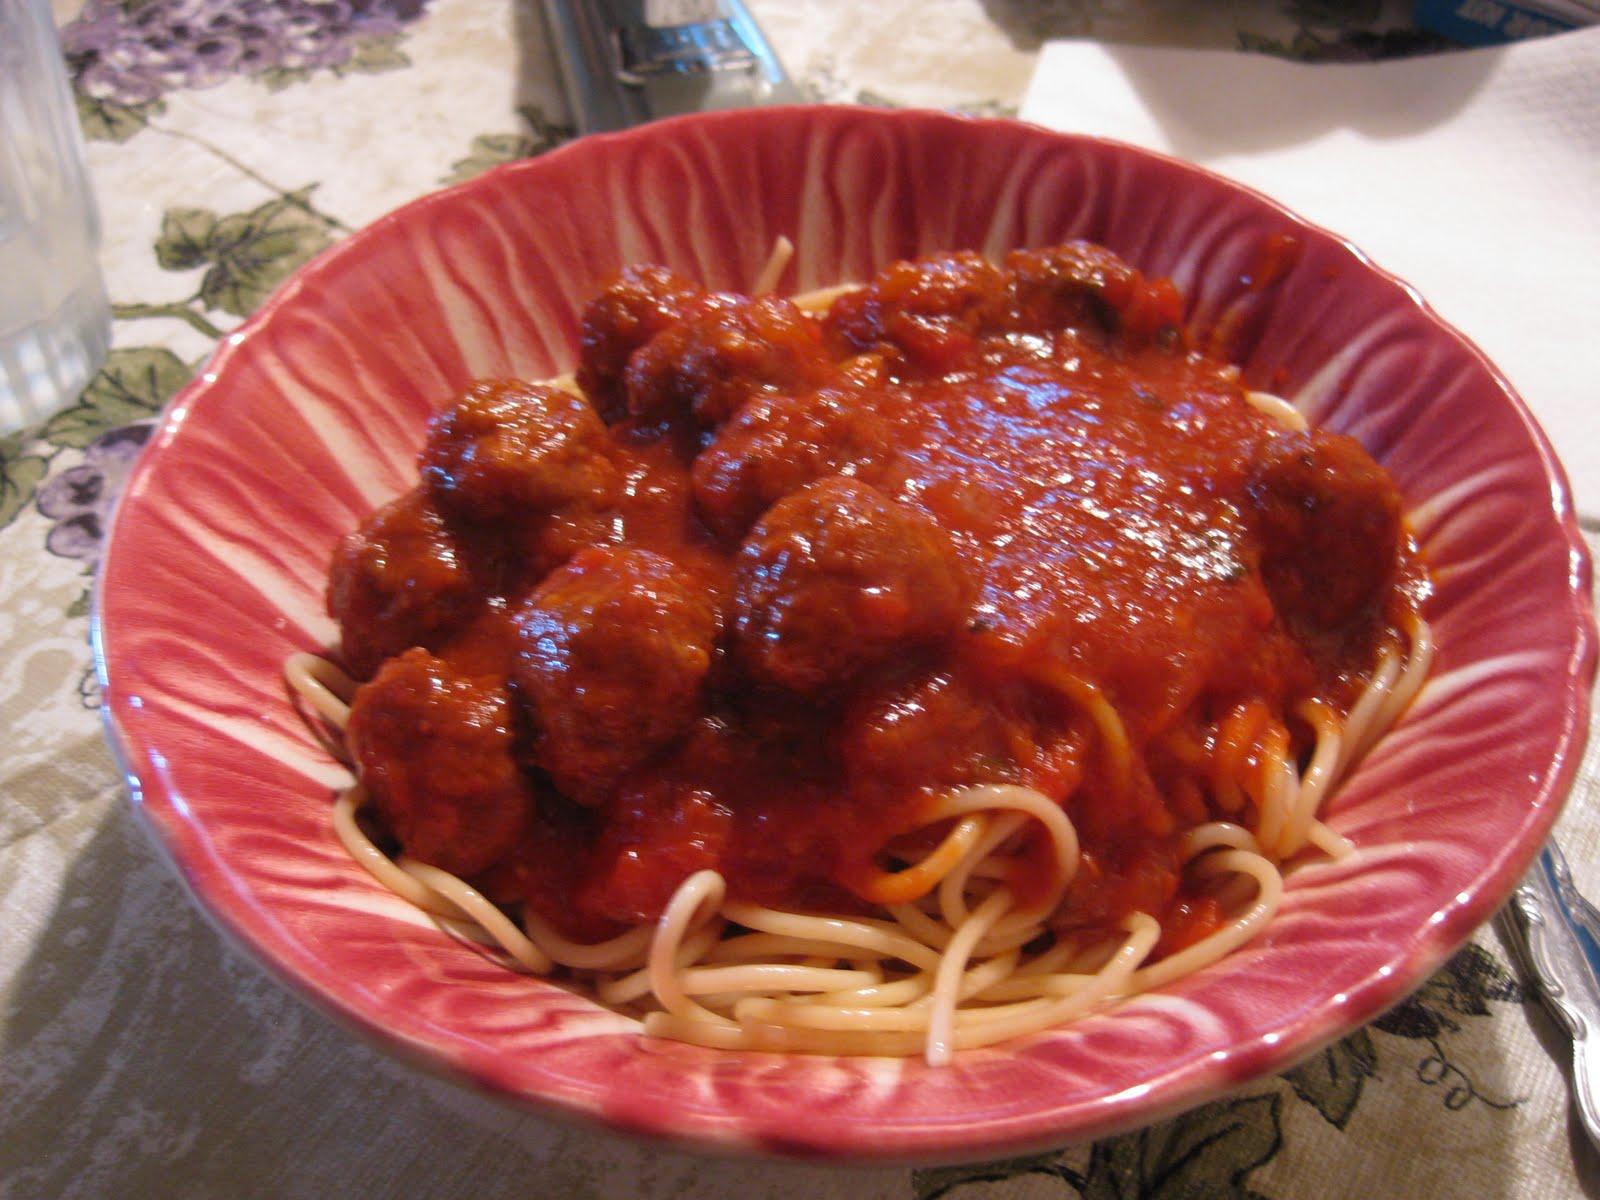 Food Lust People Love: Best Spaghetti Sauce with Meatballs